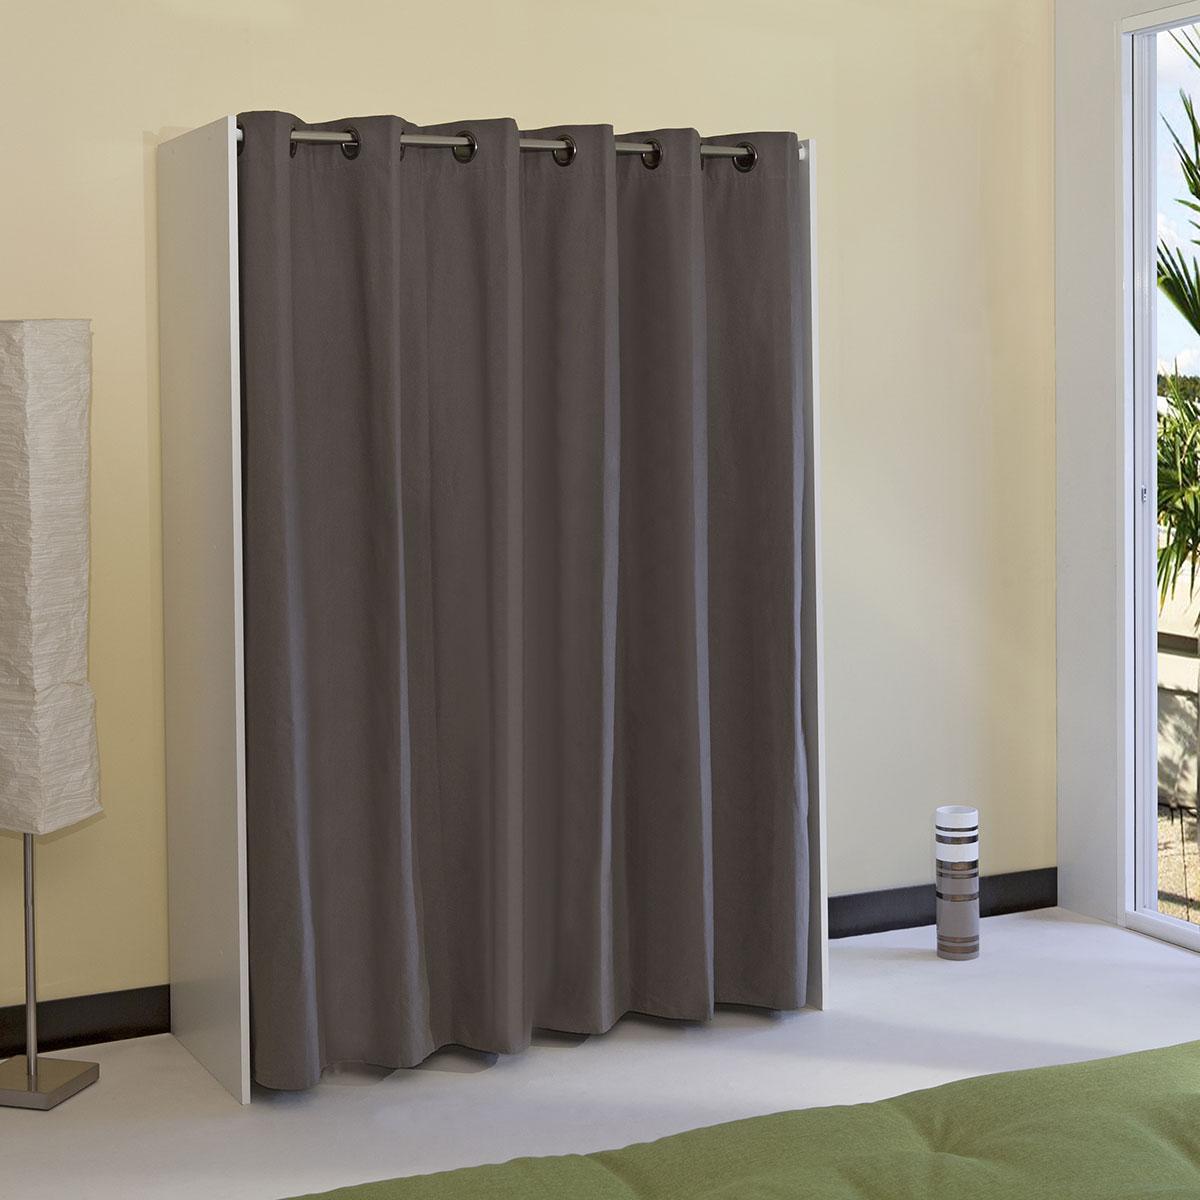 armoire dressing extensible 1 colonne avec rideau comparer avec. Black Bedroom Furniture Sets. Home Design Ideas